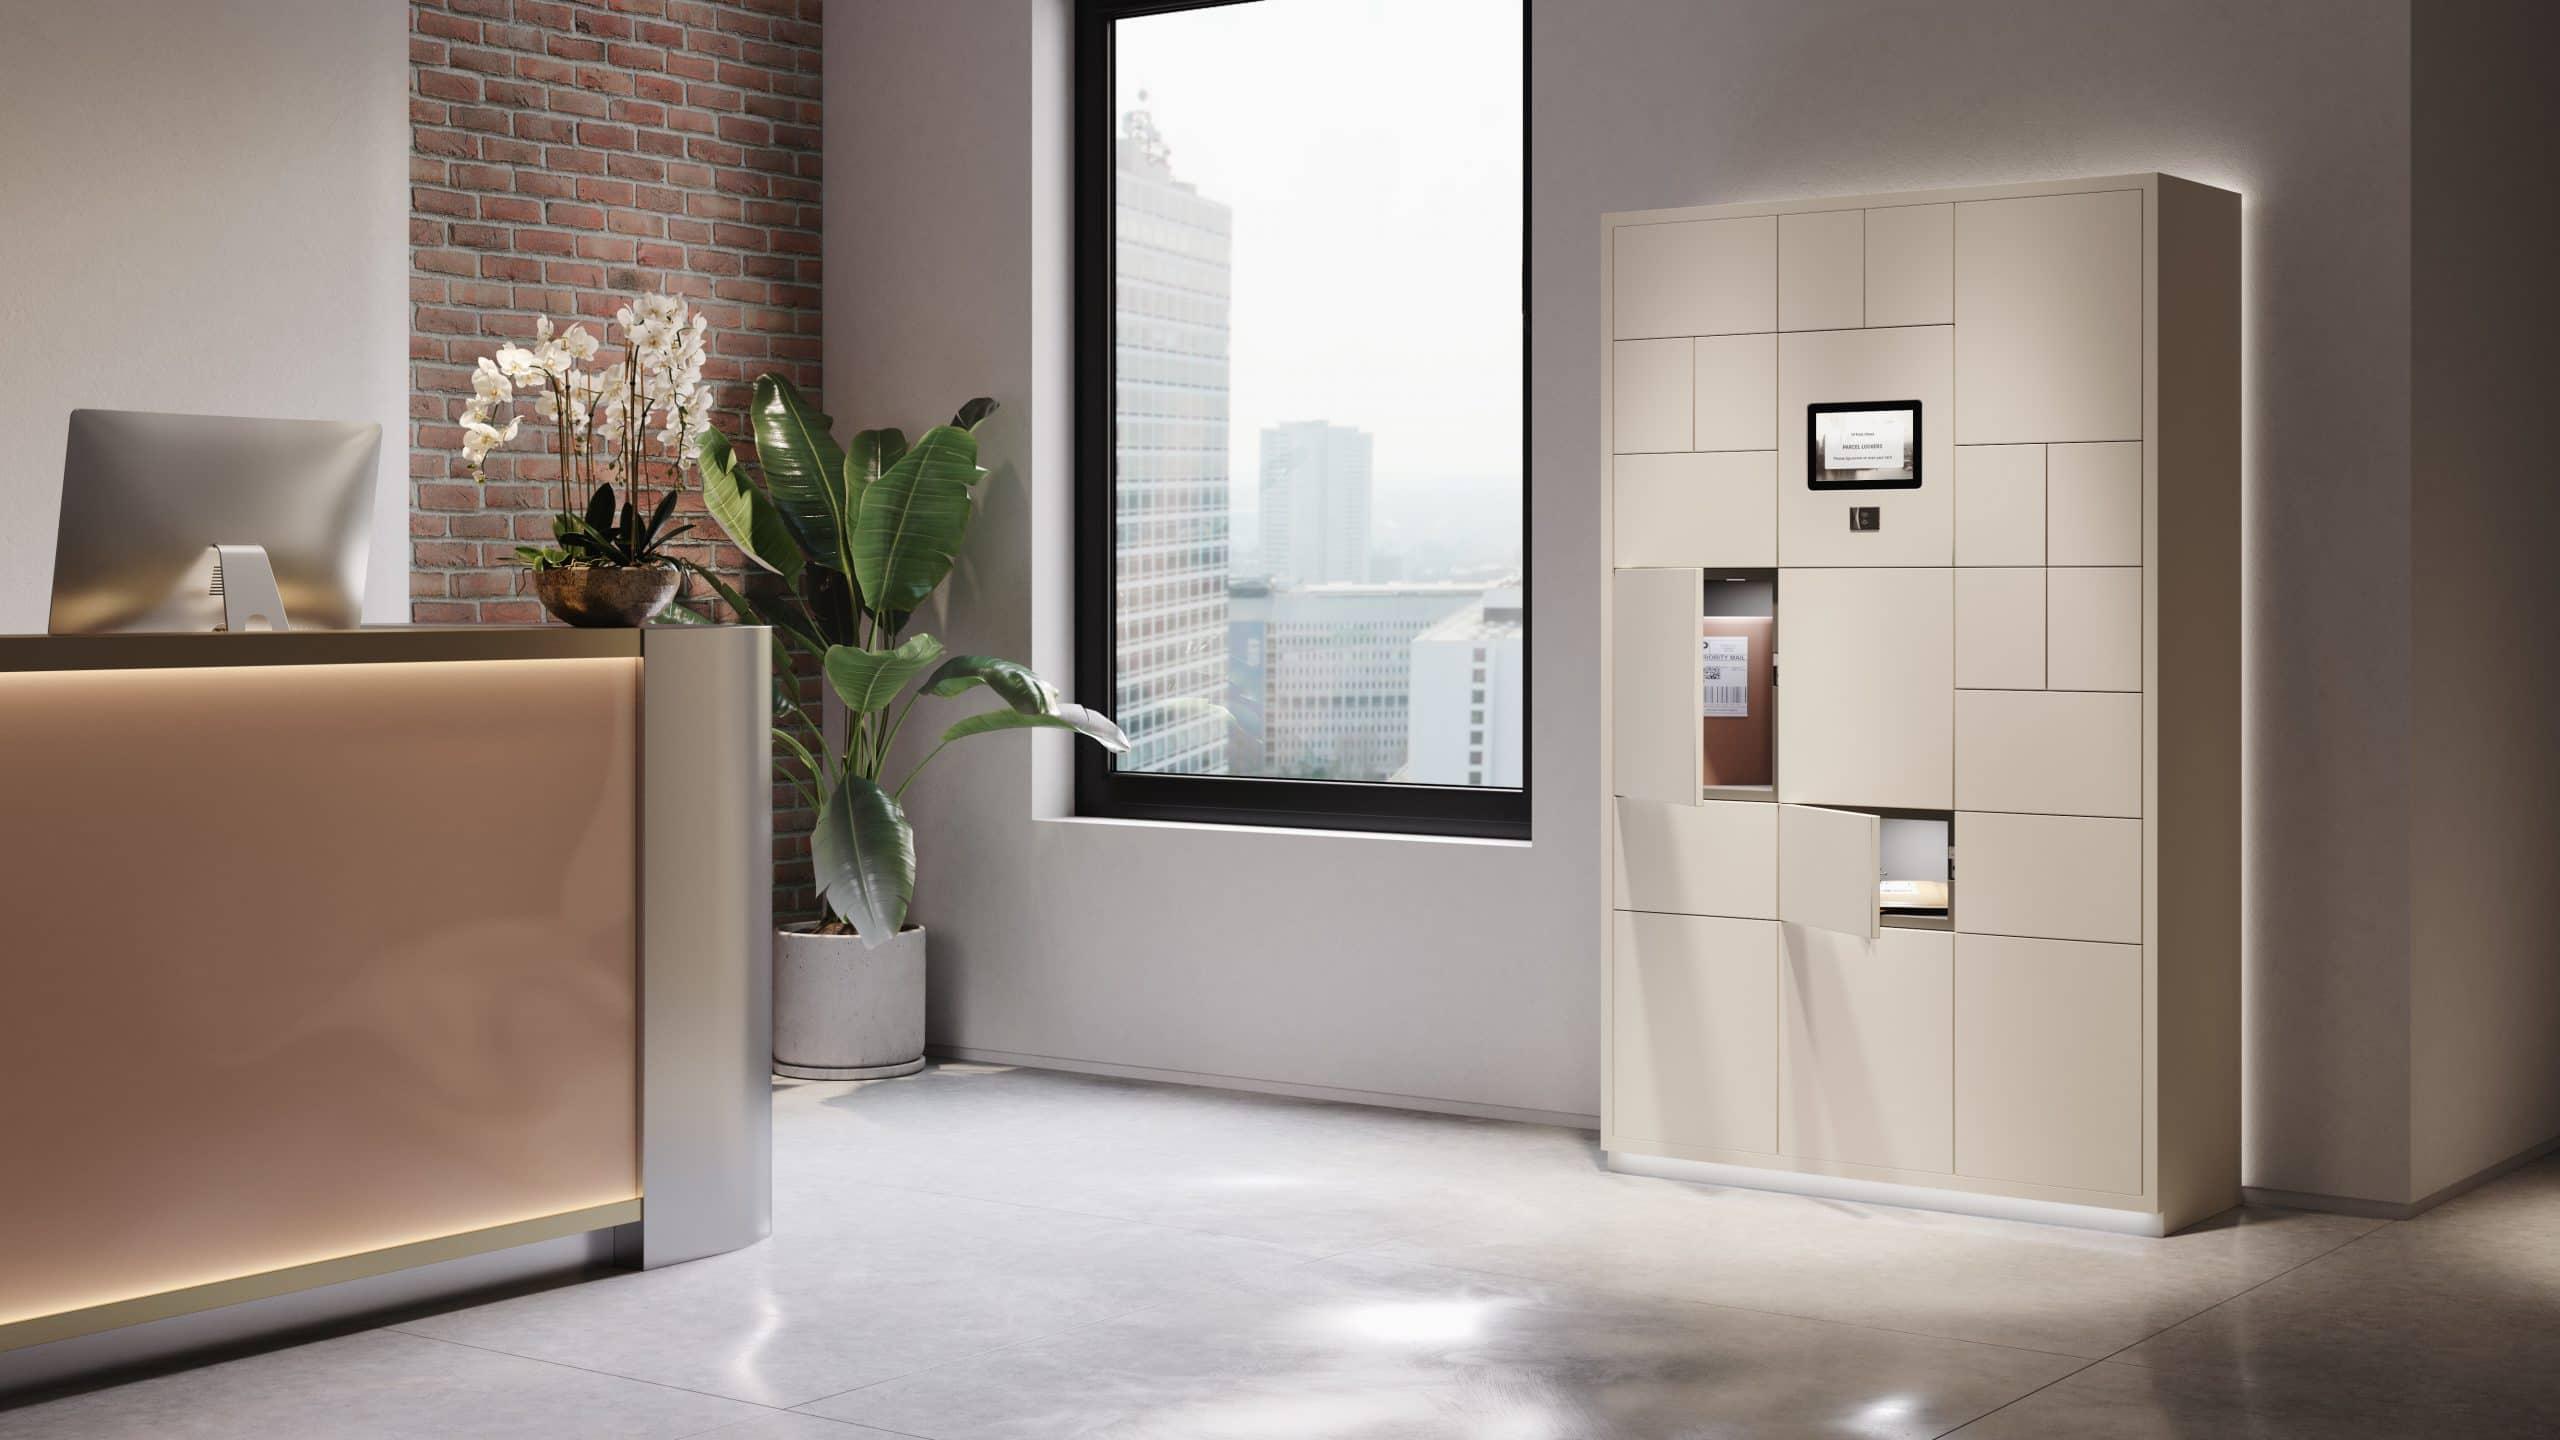 Zodiac touch screen parcel locker in modern reception area